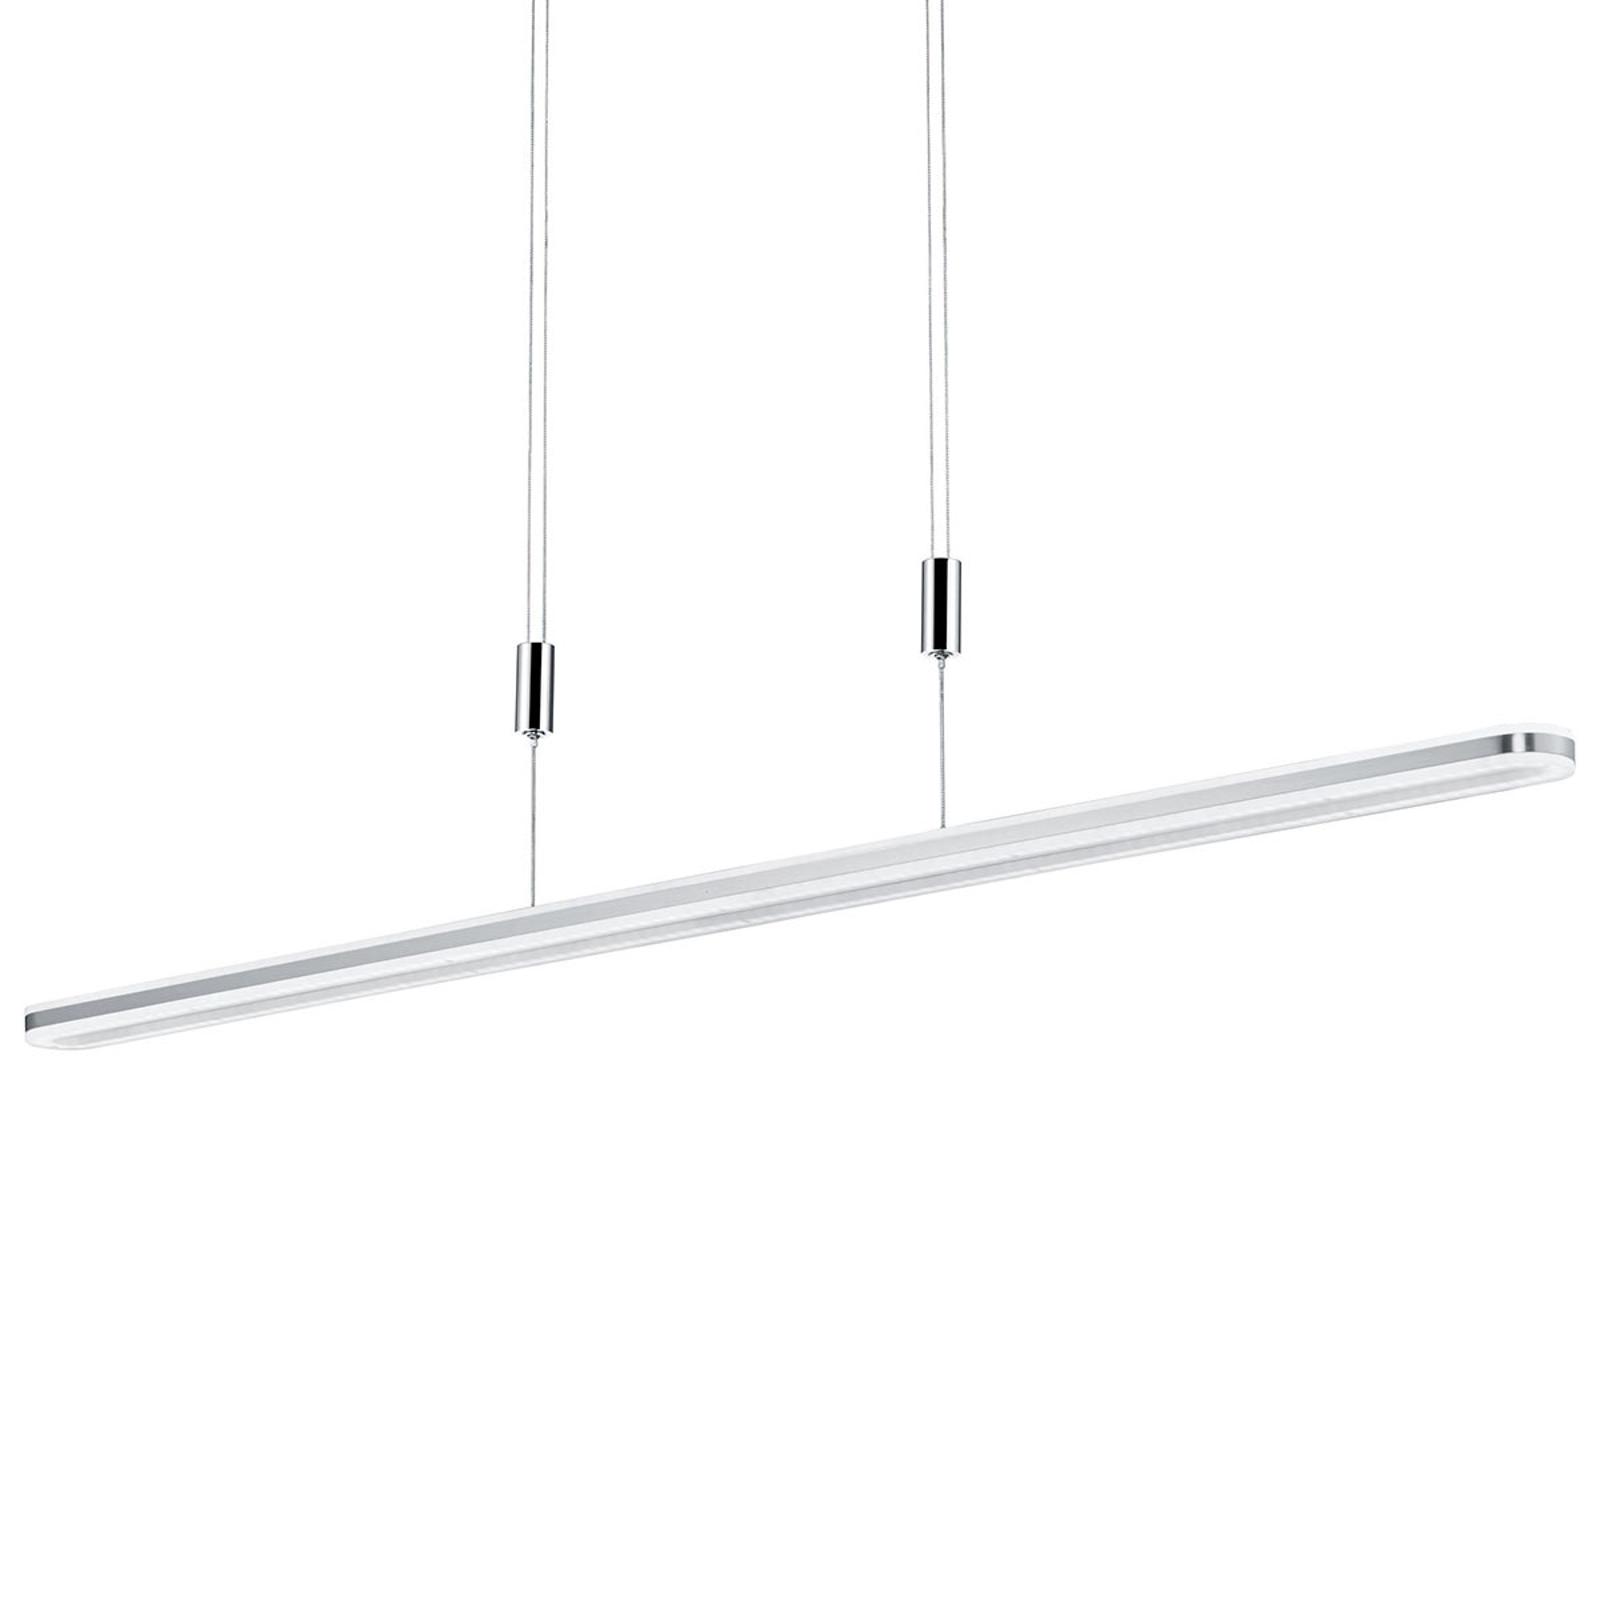 Suspension LED Ontario, hauteur réglable